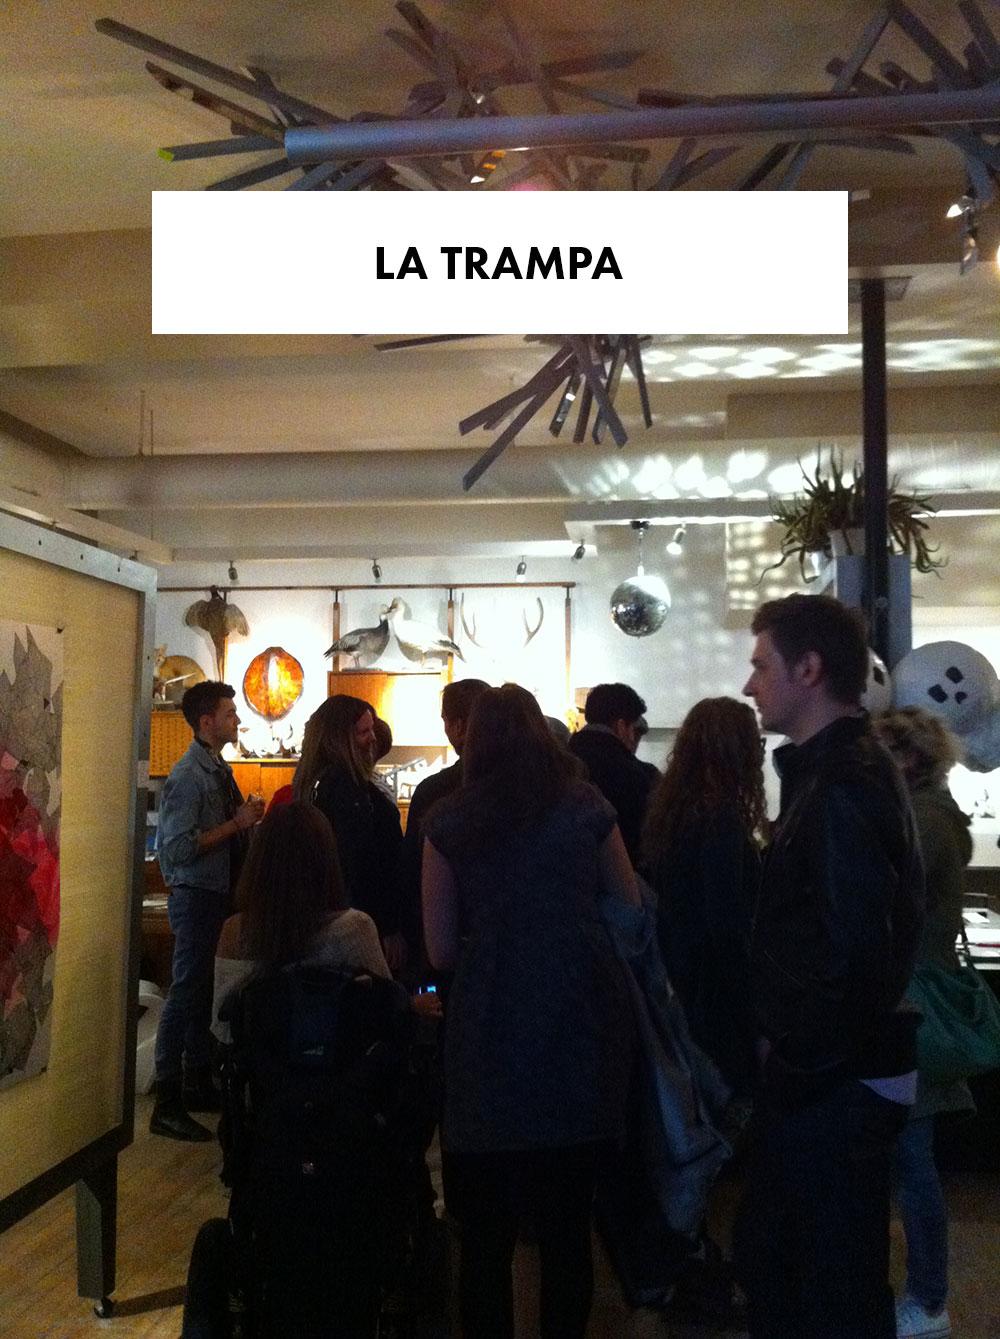 LA-TRAMPA.jpg